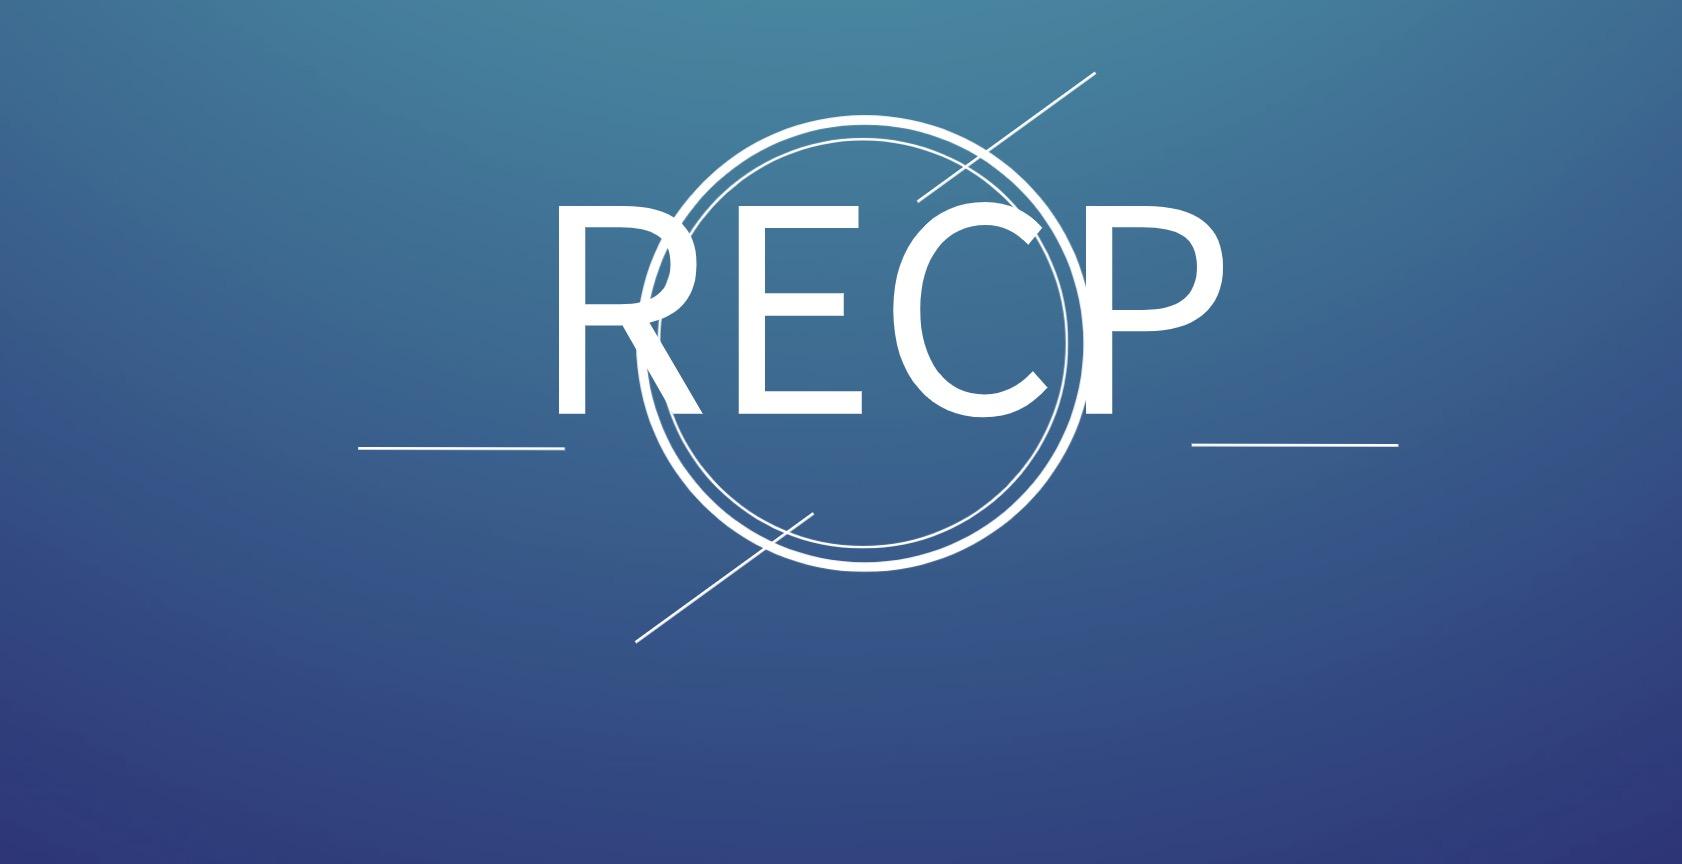 跨境电商角度解读RECP贸易协定,对跨境电商有什么影响